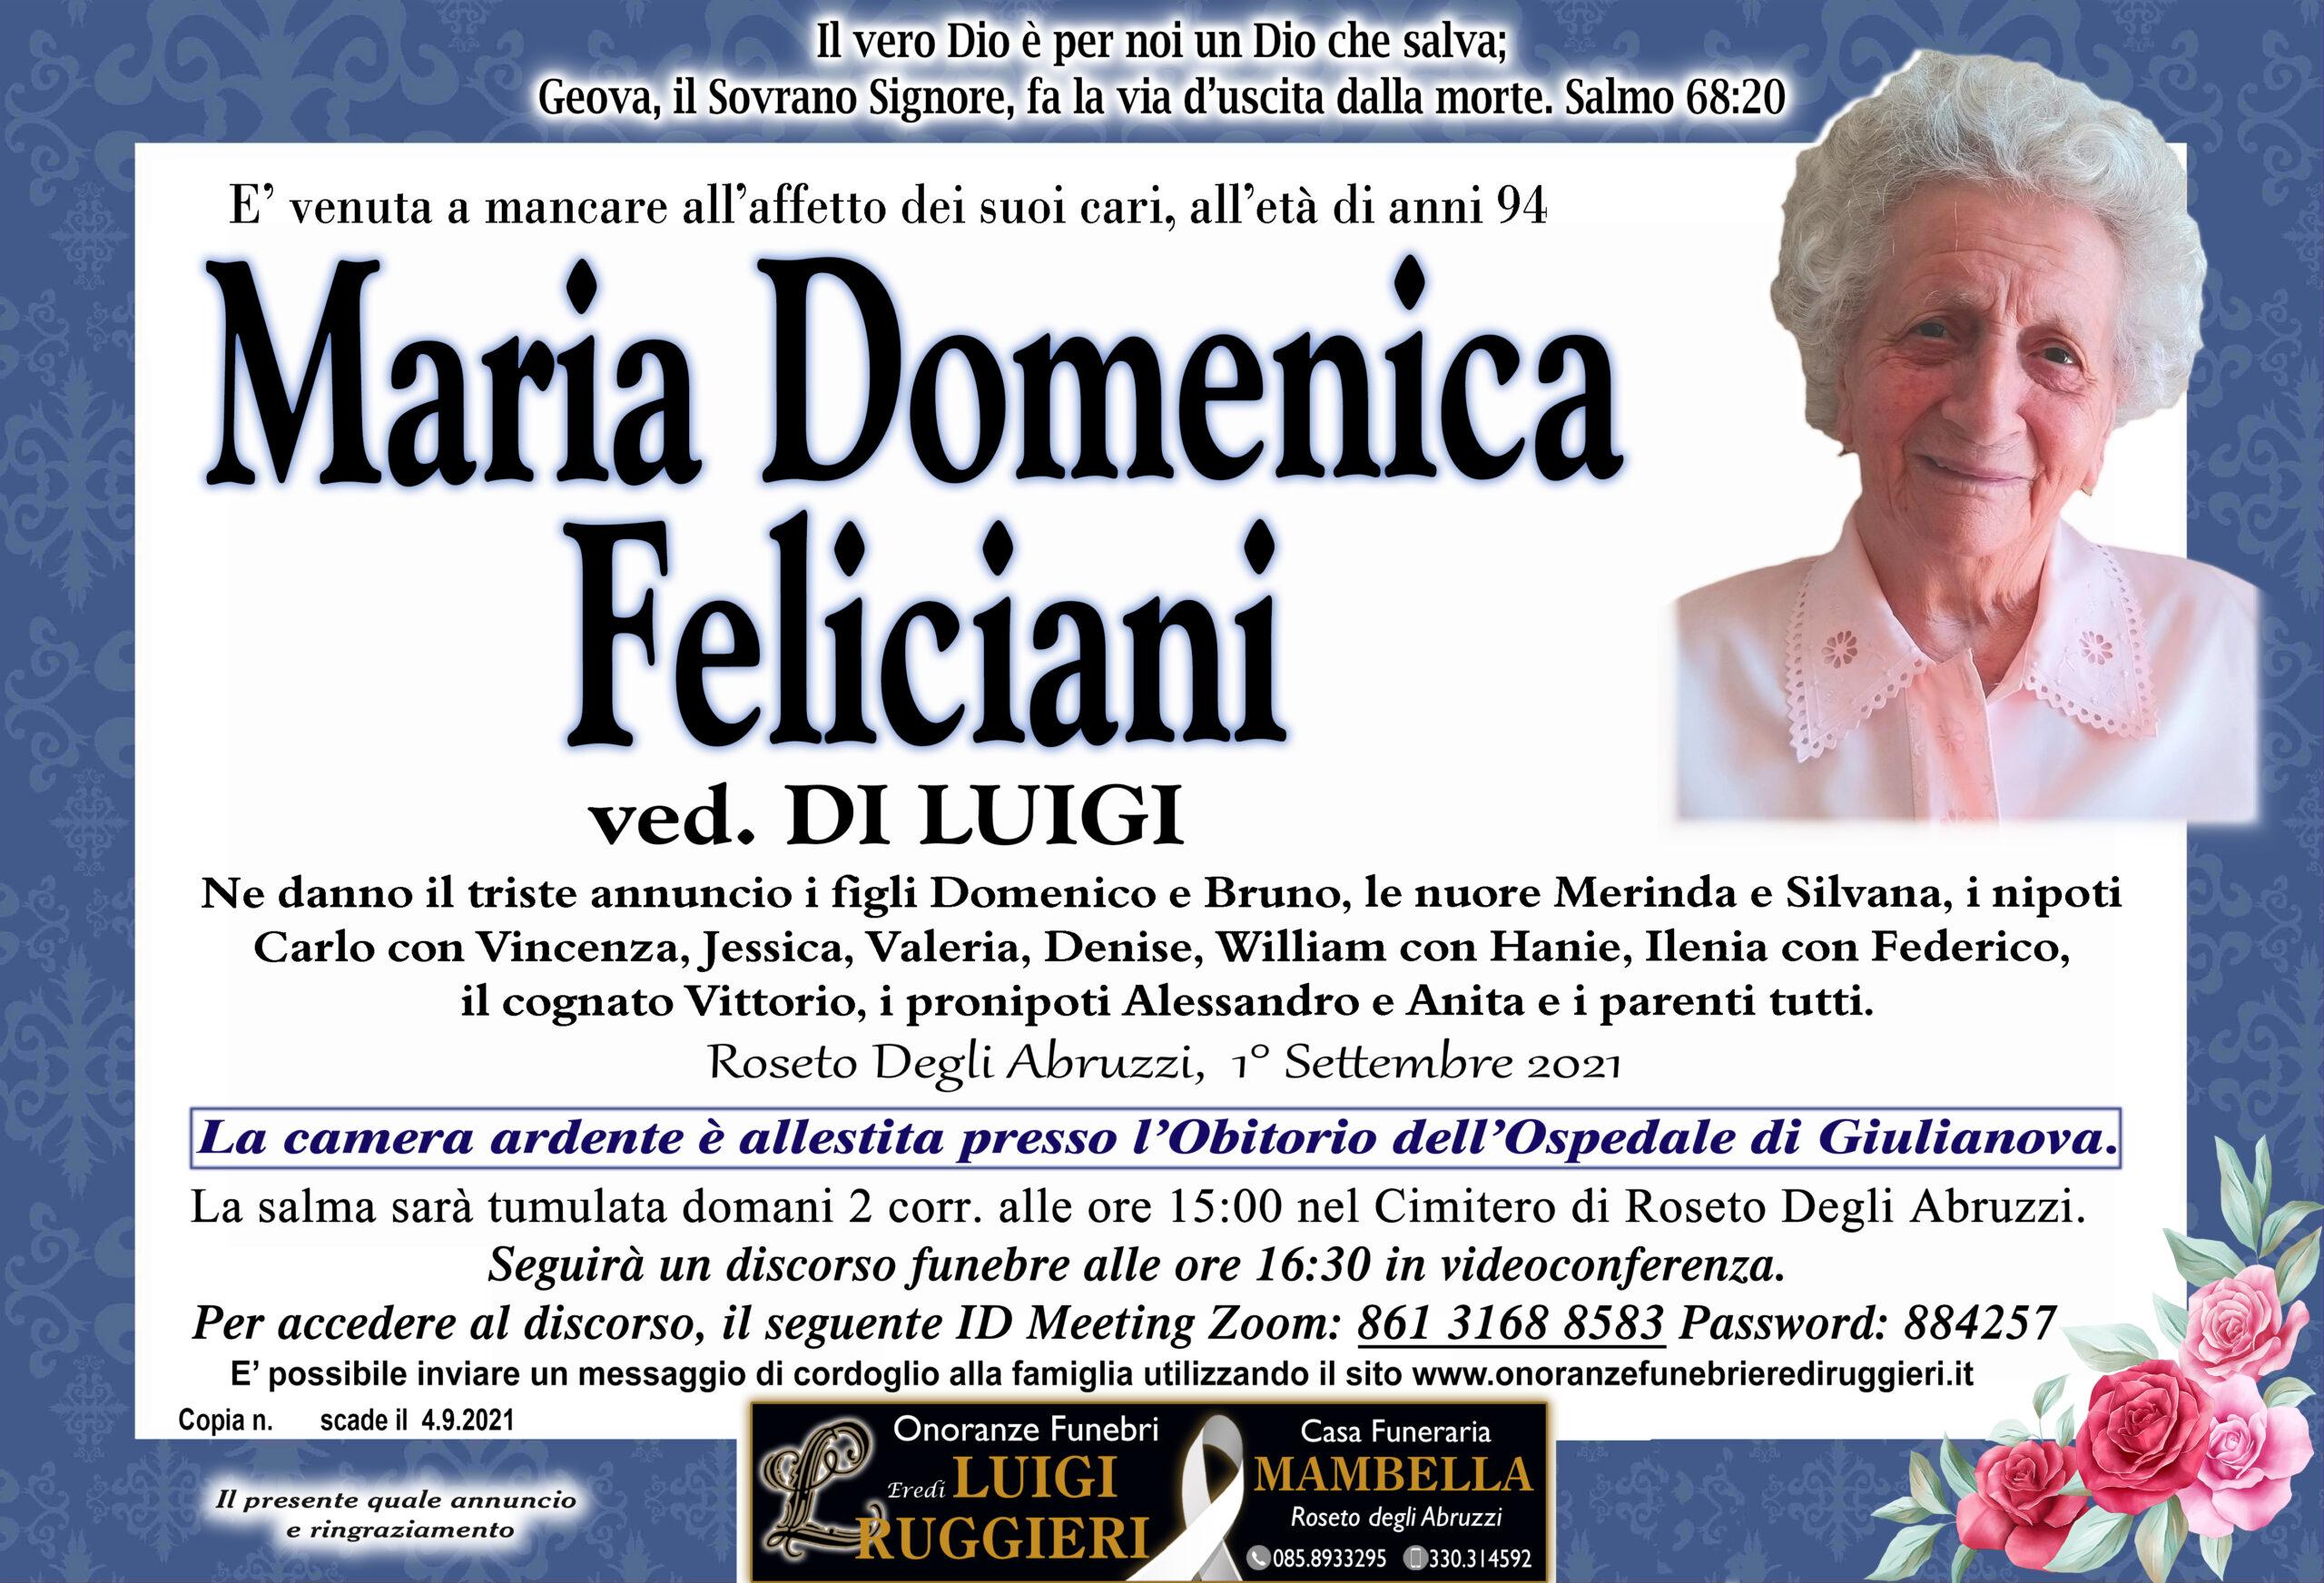 Domenica Feliciani